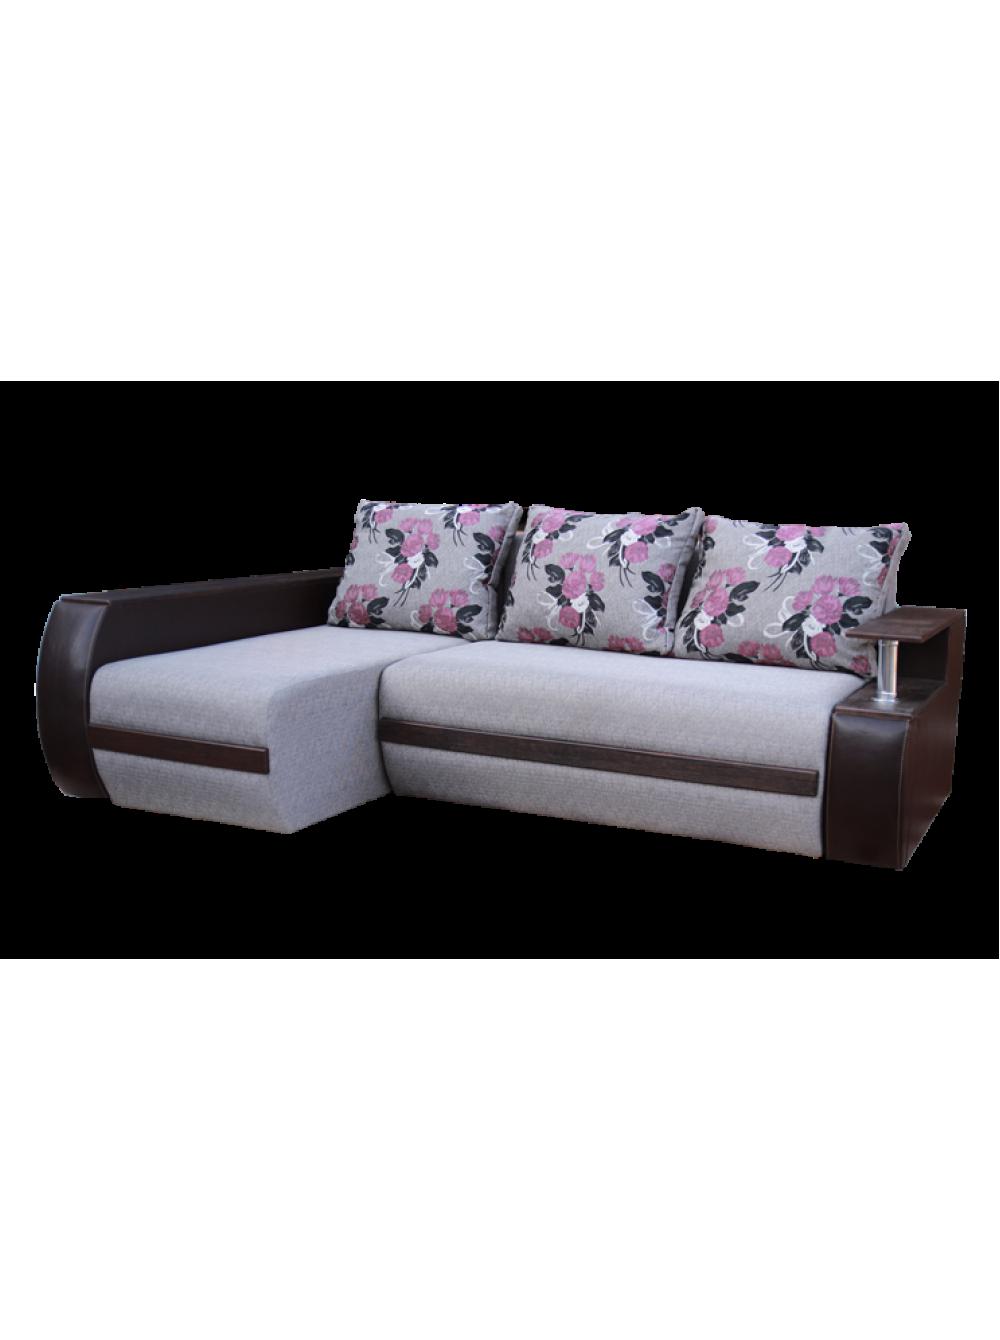 купить угловой диван токио в днепре дешево магазин амебель ул